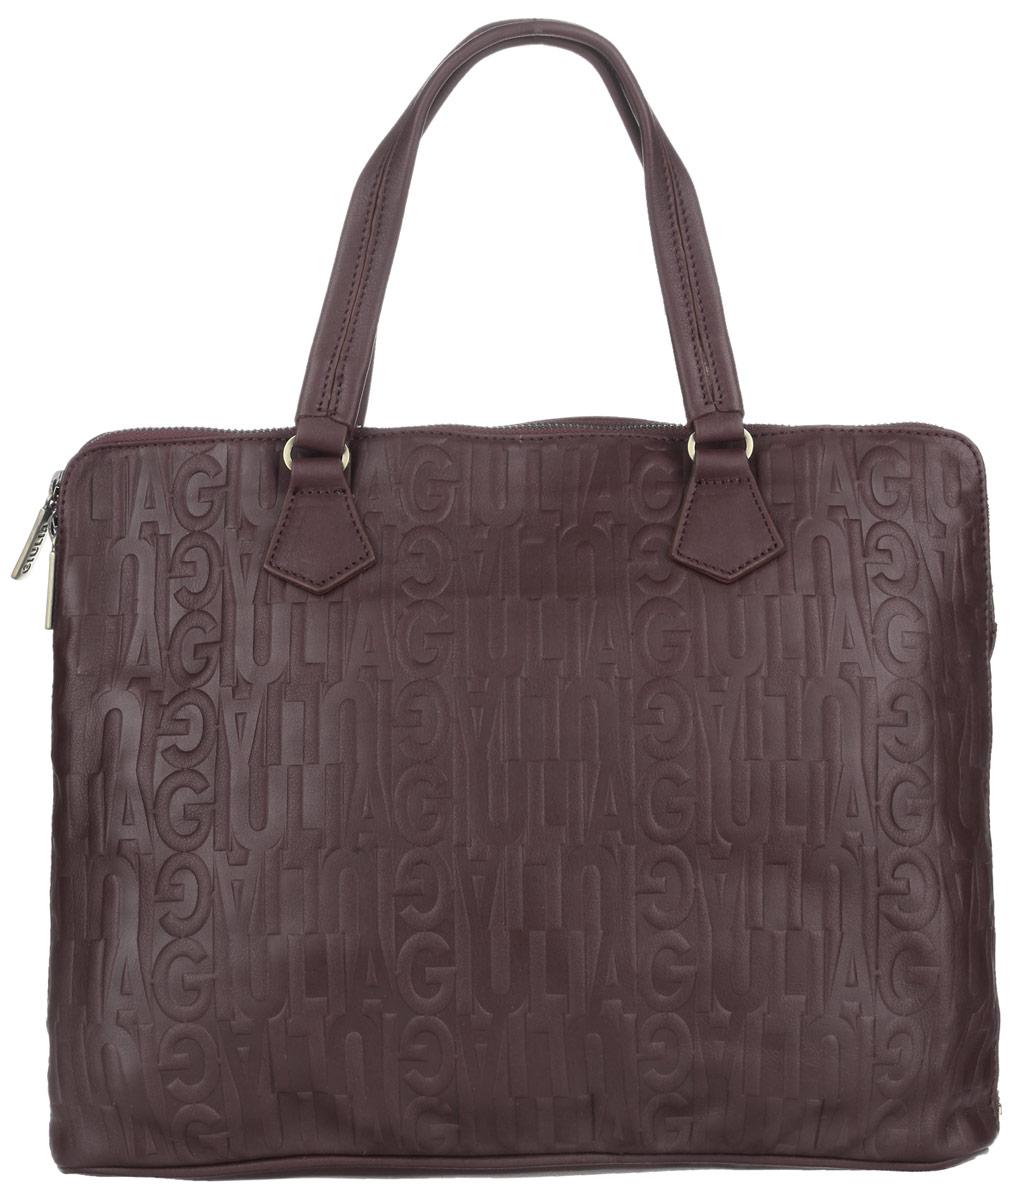 Сумка-папка мужская Giulia, цвет: темно-коричневый. 31262S76245Мужская сумка-папка для документов Giulia выполнена из натуральной кожи с декоративным тиснением. Сумка имеет одно основное отделение, закрывающееся на застежку-молнию. Внутри находится прорезной карман на застежке-молнии и открытый пришивной карман с двумя перегородками. Снаружи на задней стенке располагается прорезной карман на застежке-молнии. Изделие оснащено двумя удобными ручками. Сумка вмещает документы формата A4. Функциональная вместительная сумка-папка станет стильным аксессуаром для делового мужчины.